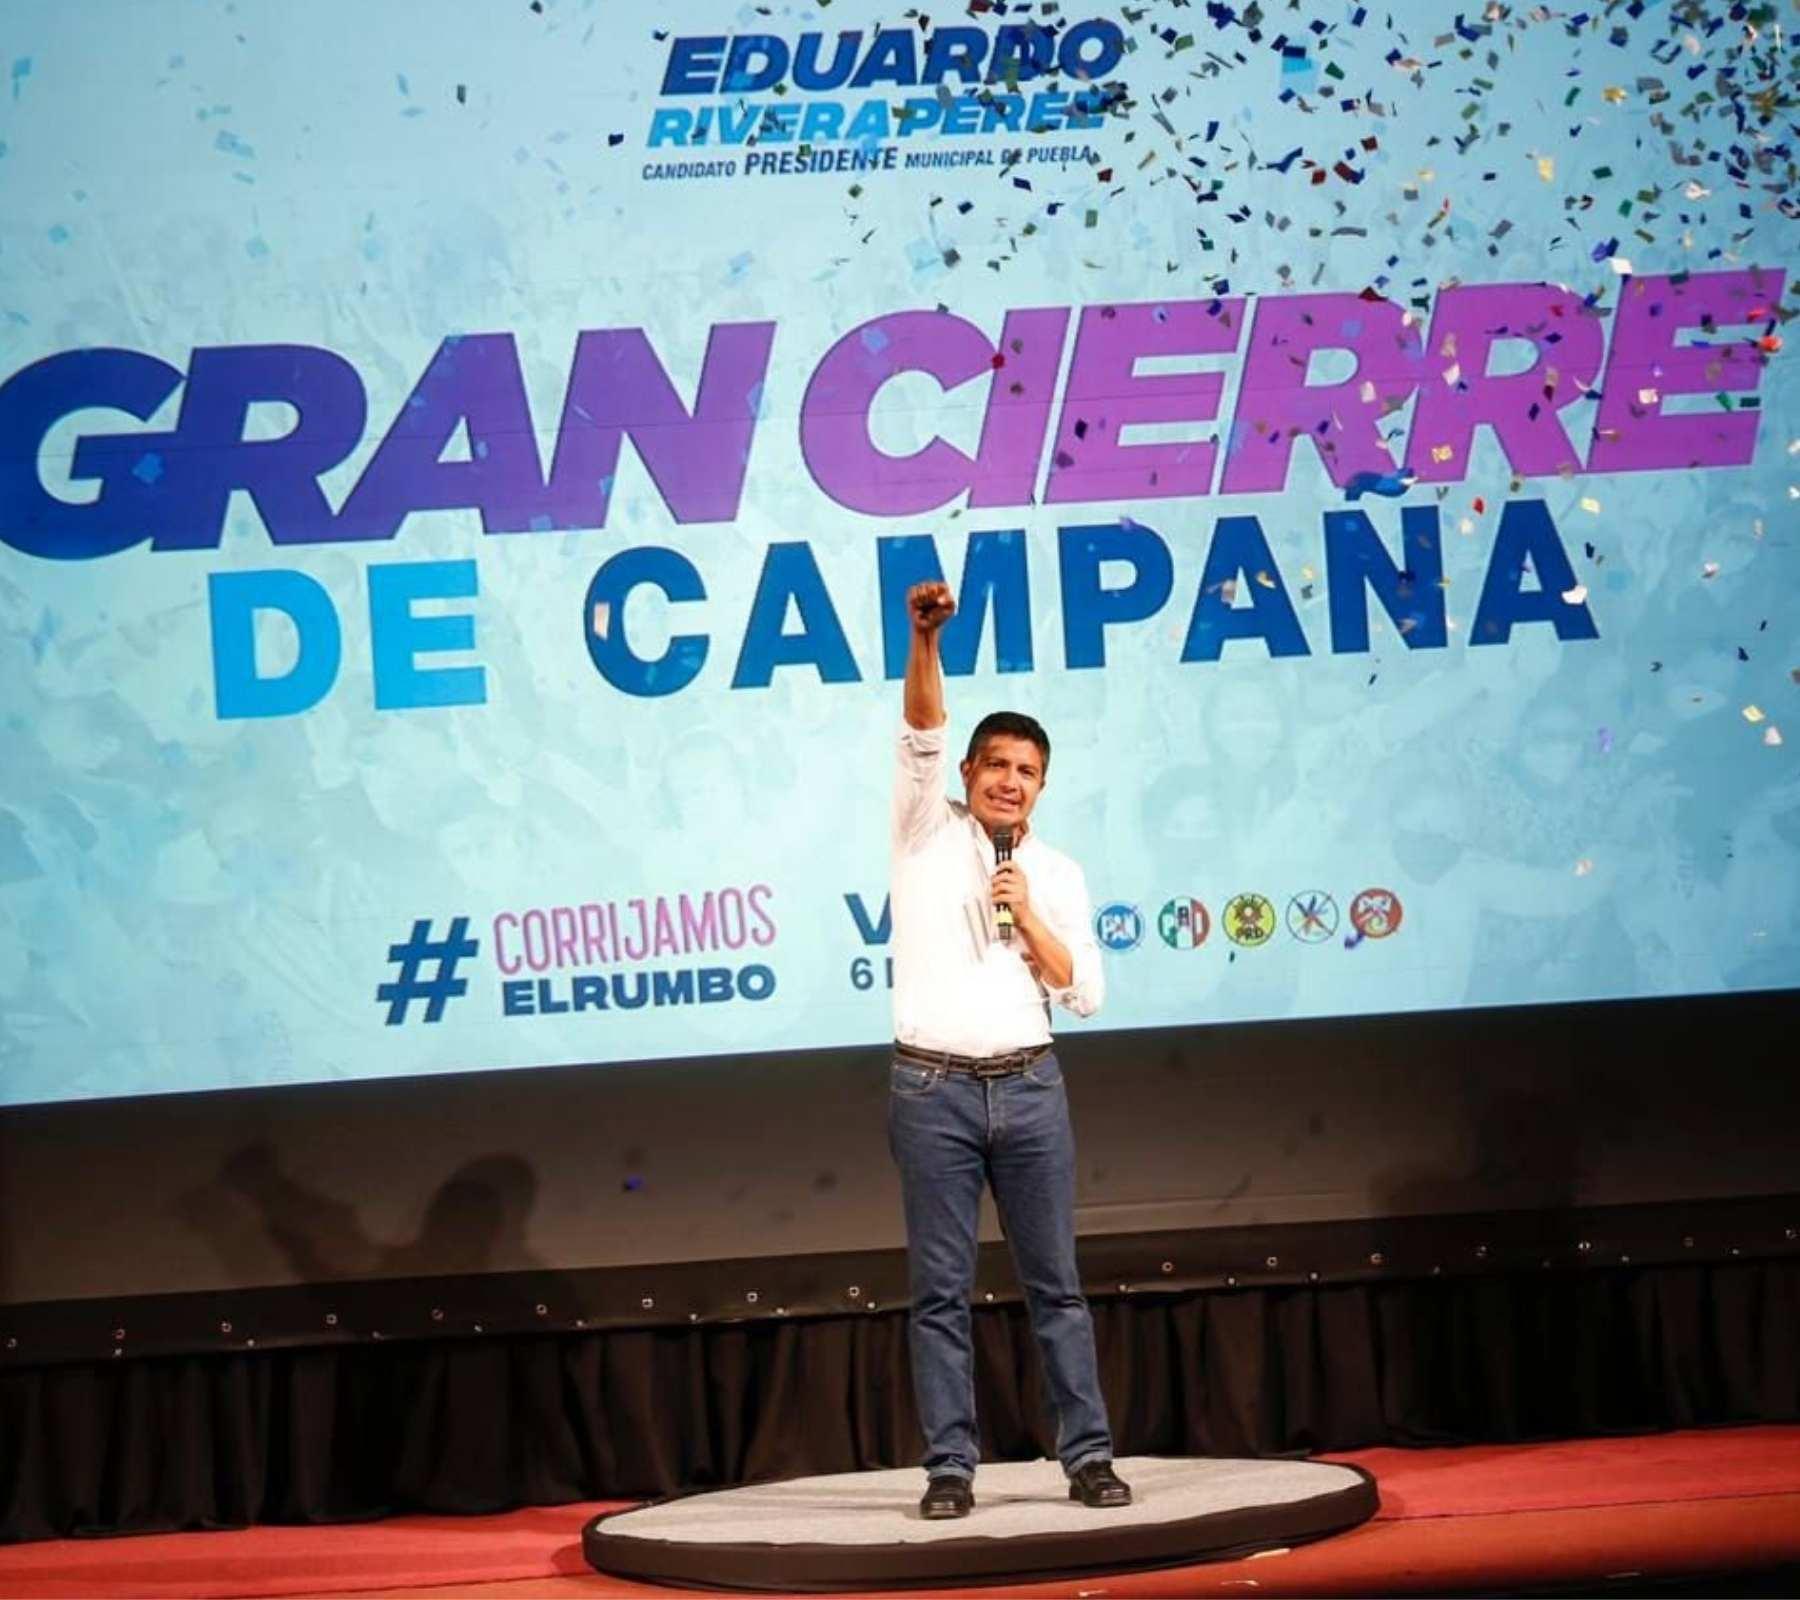 Fotografía de Eduardo Rivera